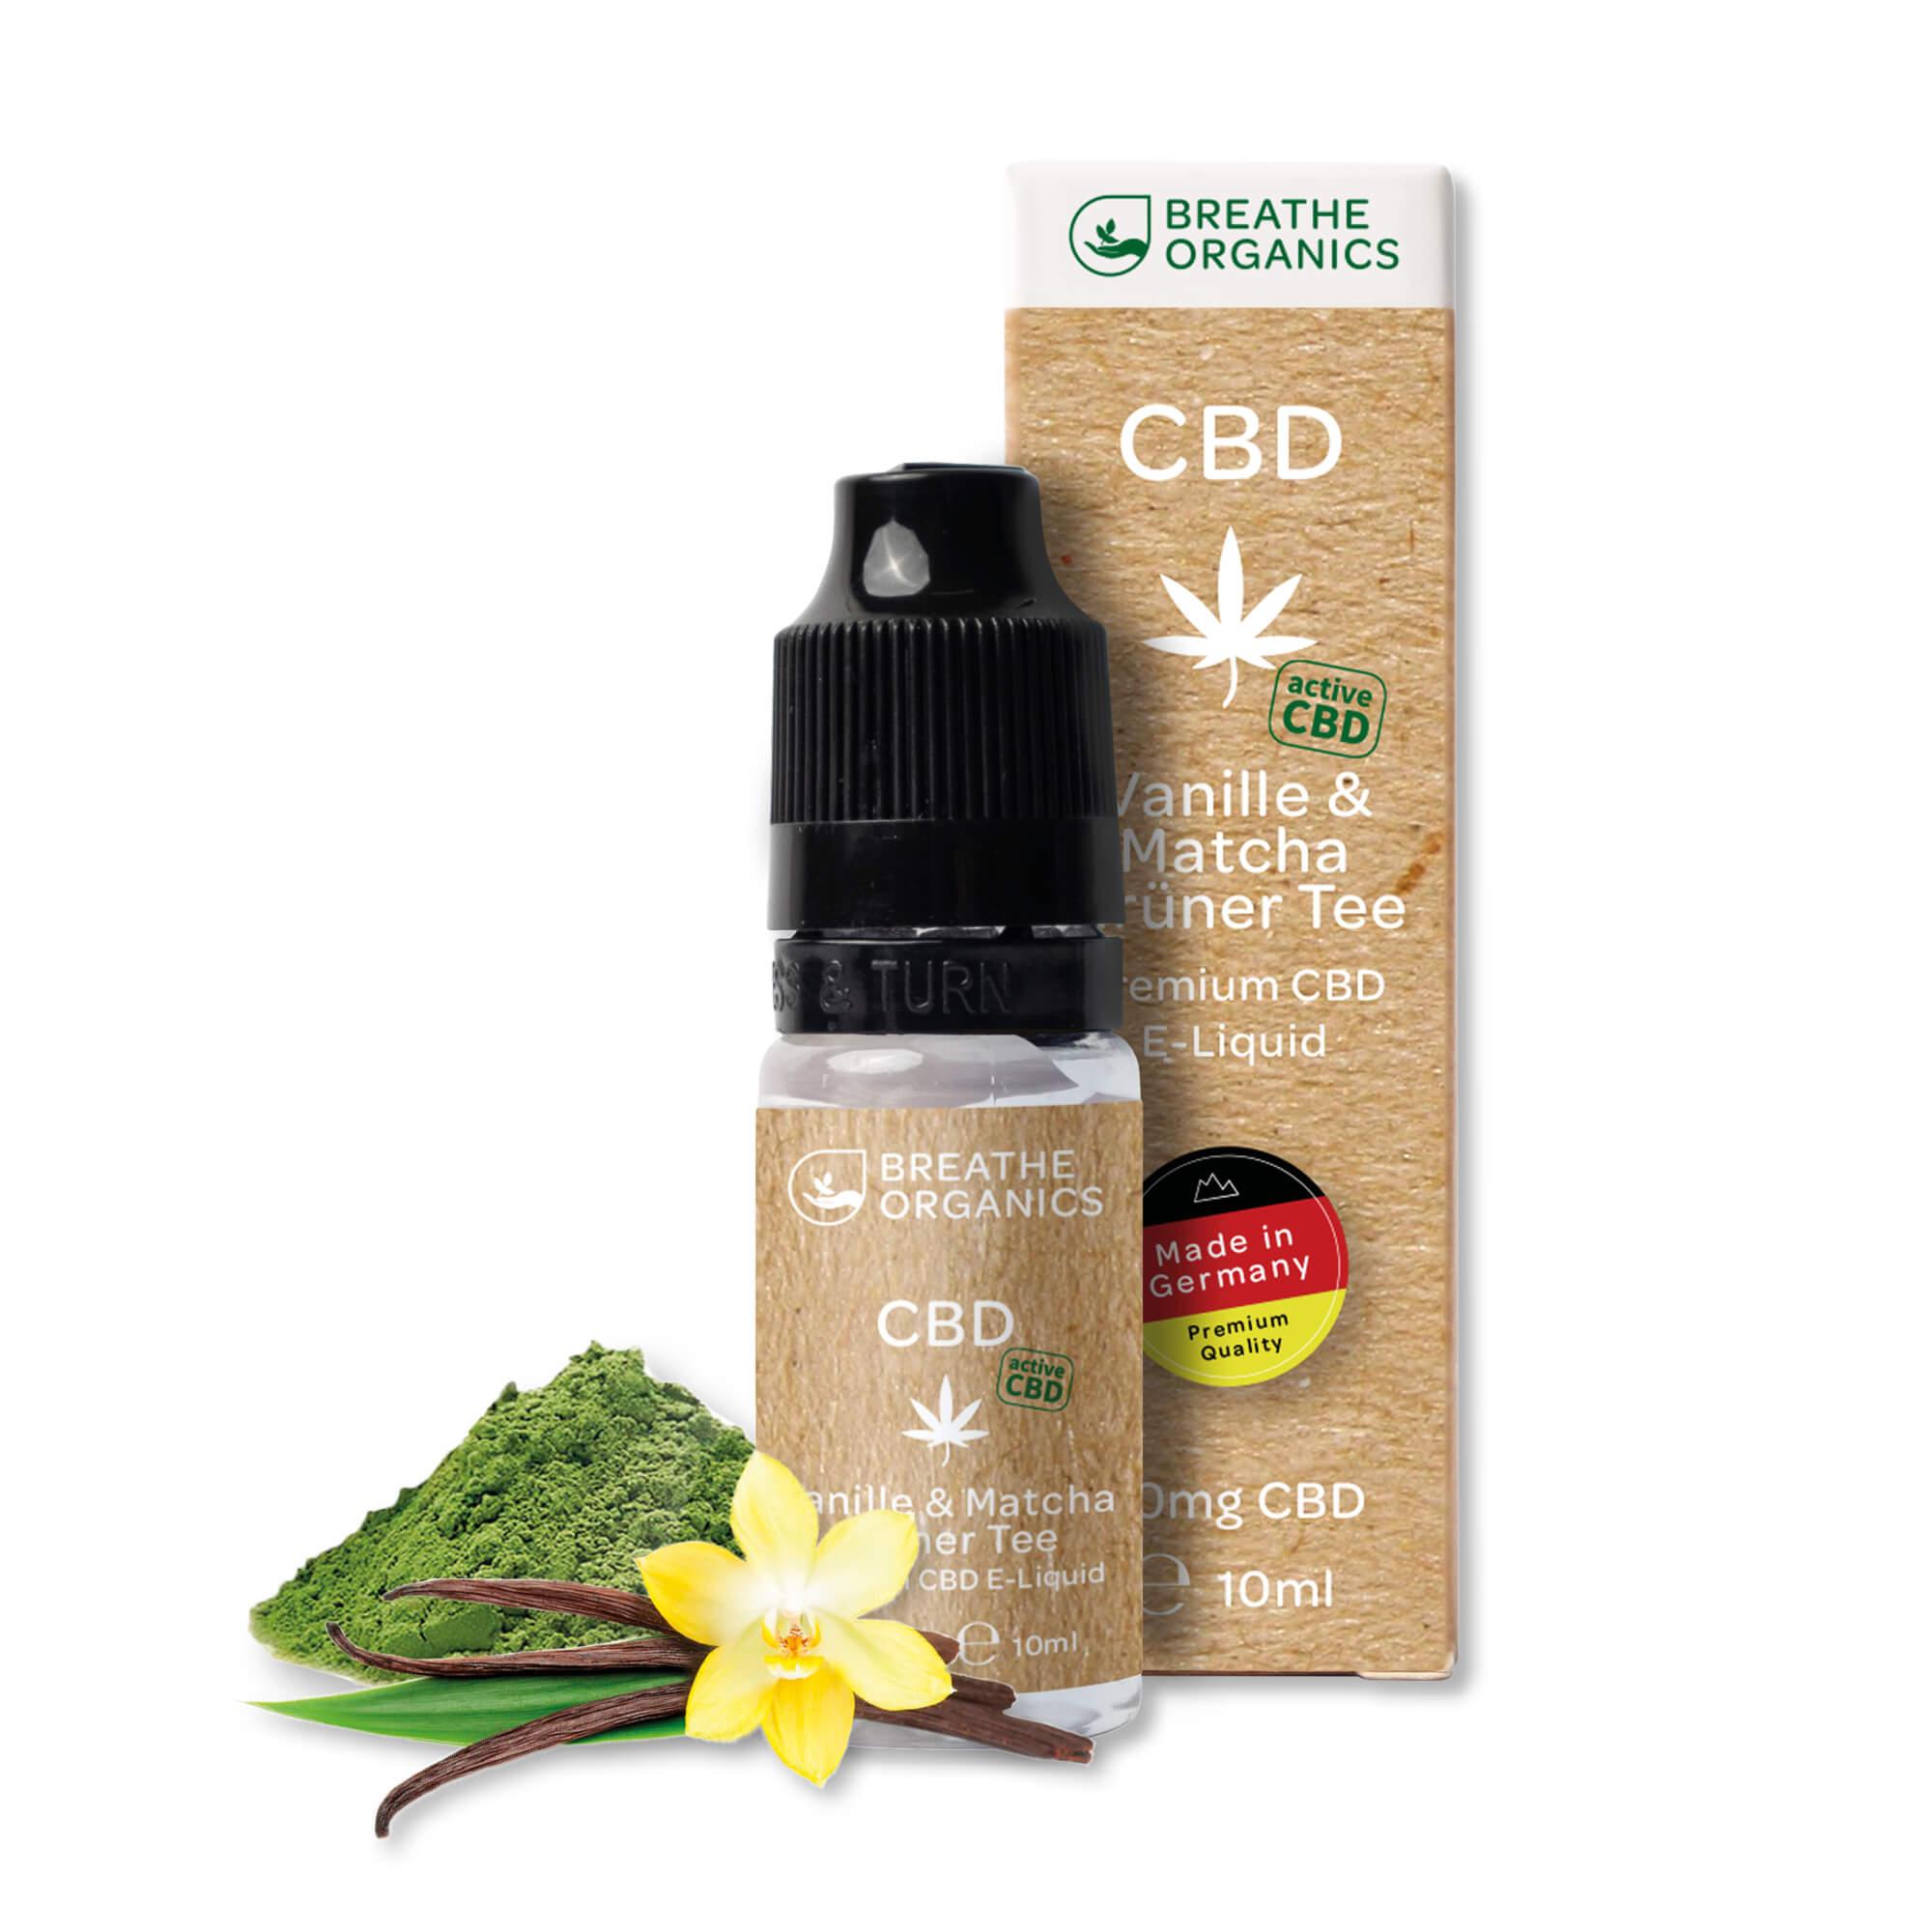 Liquid 30mg Vanille & Matcha Grüner Tee - Breathe Organics